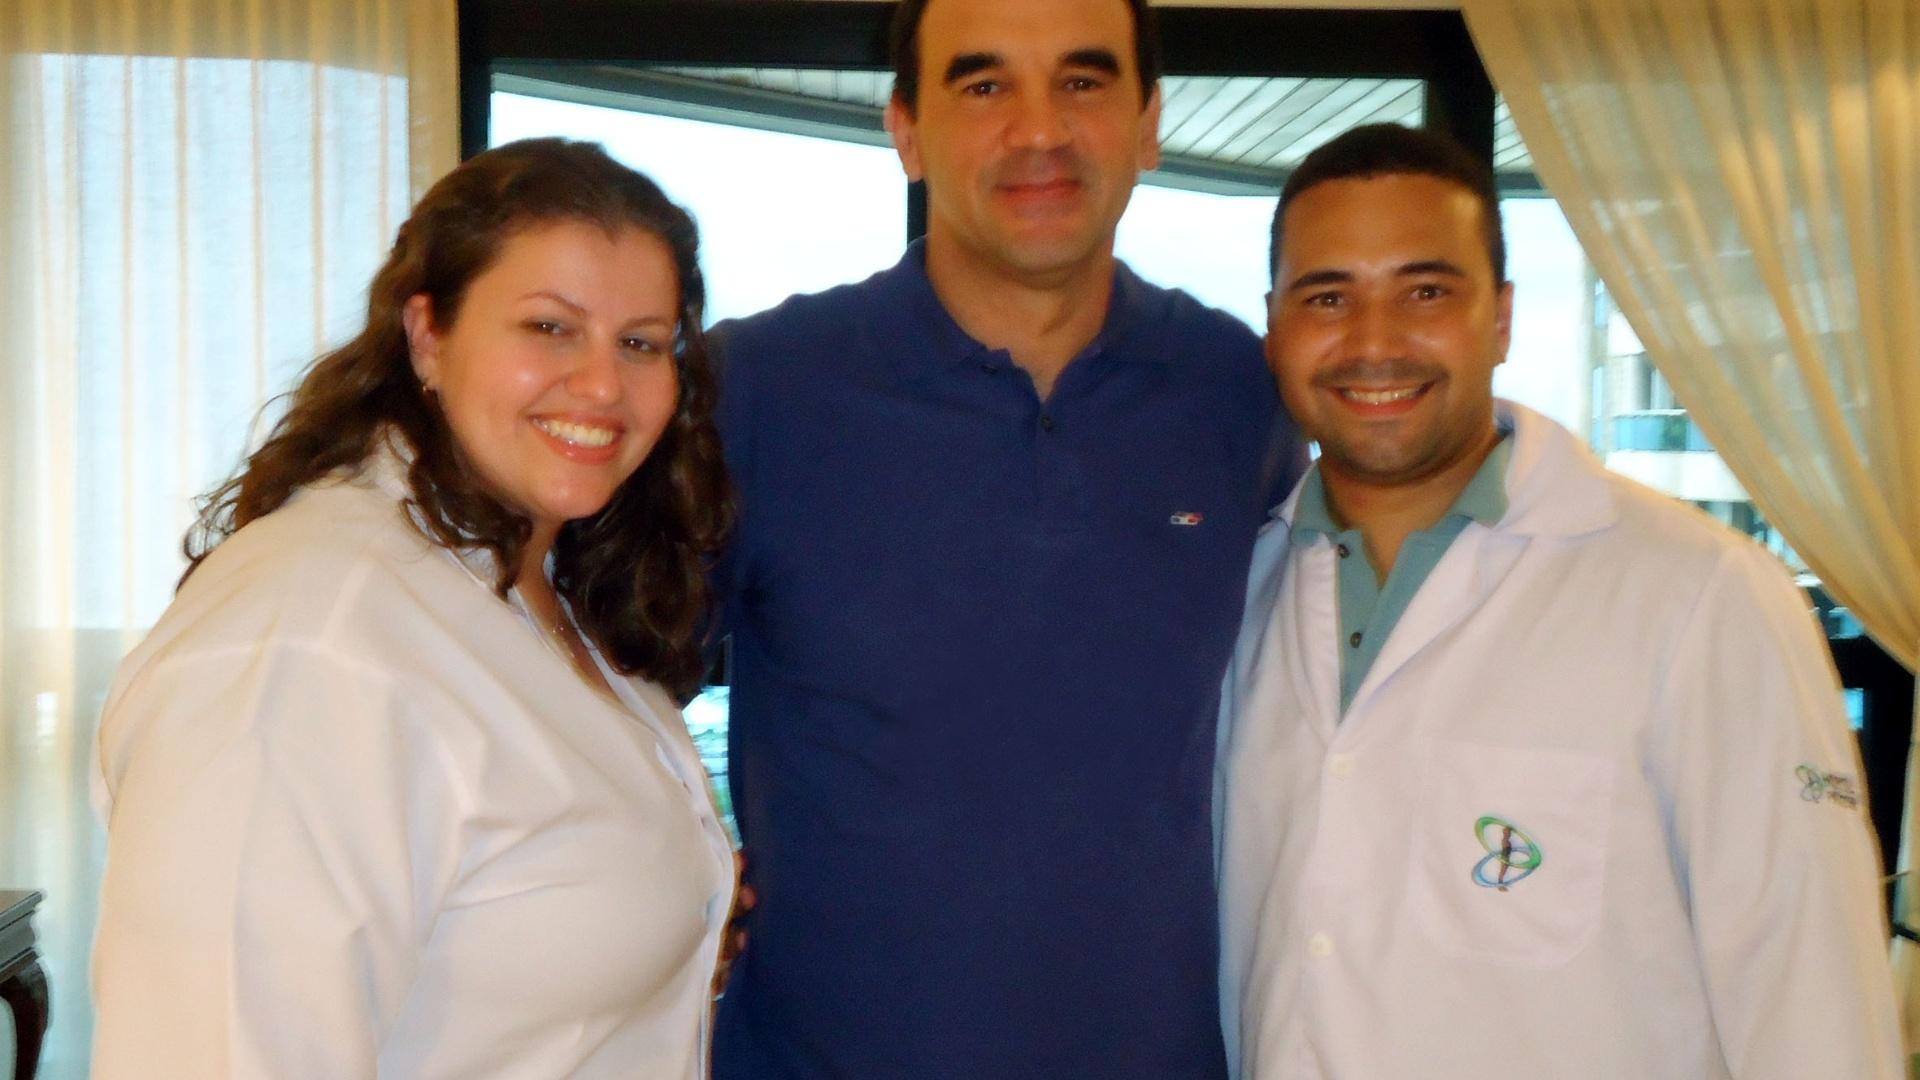 Ricardo Gomes posa ao lado da equipe de fisioterapia do Hospital Pasteur, no Rio